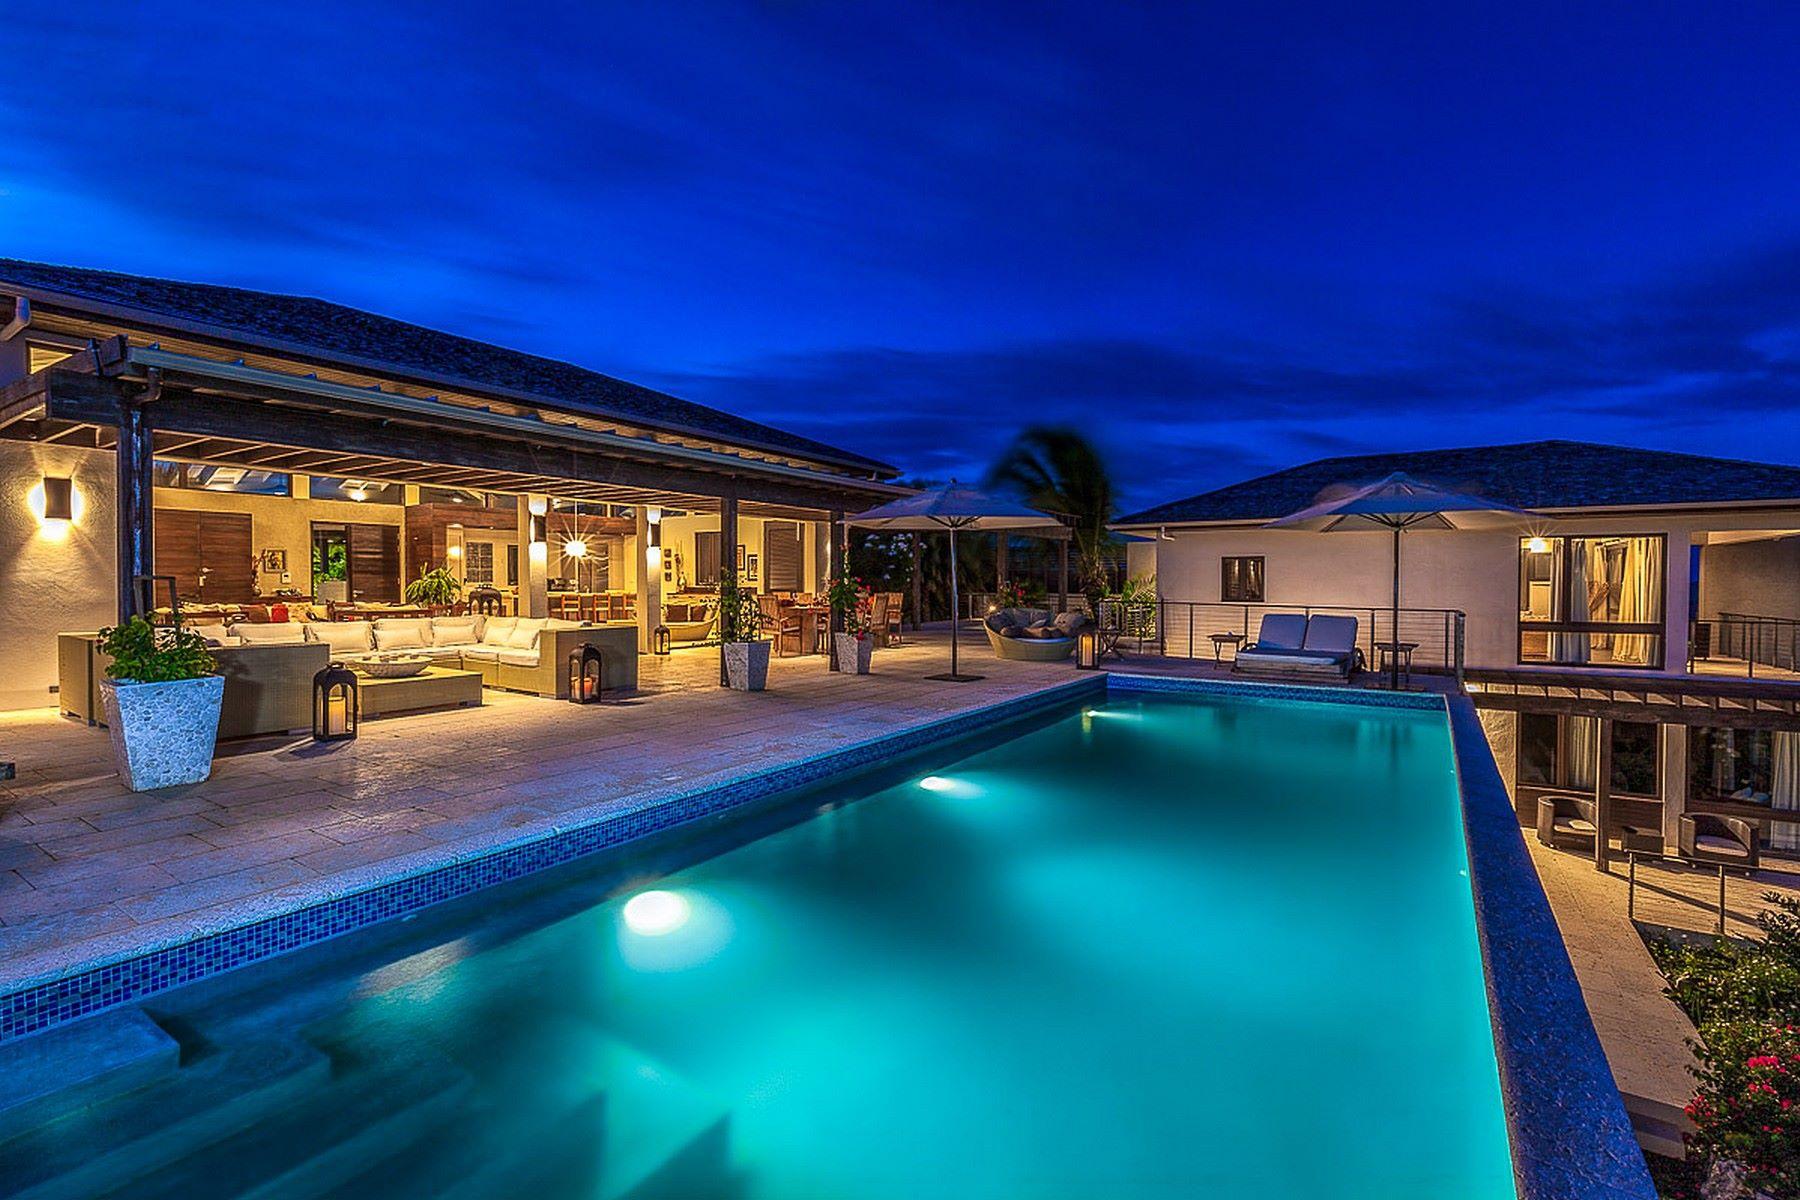 Частный односемейный дом для того Продажа на Aquamarine Villa Other Anguilla, Ангилья